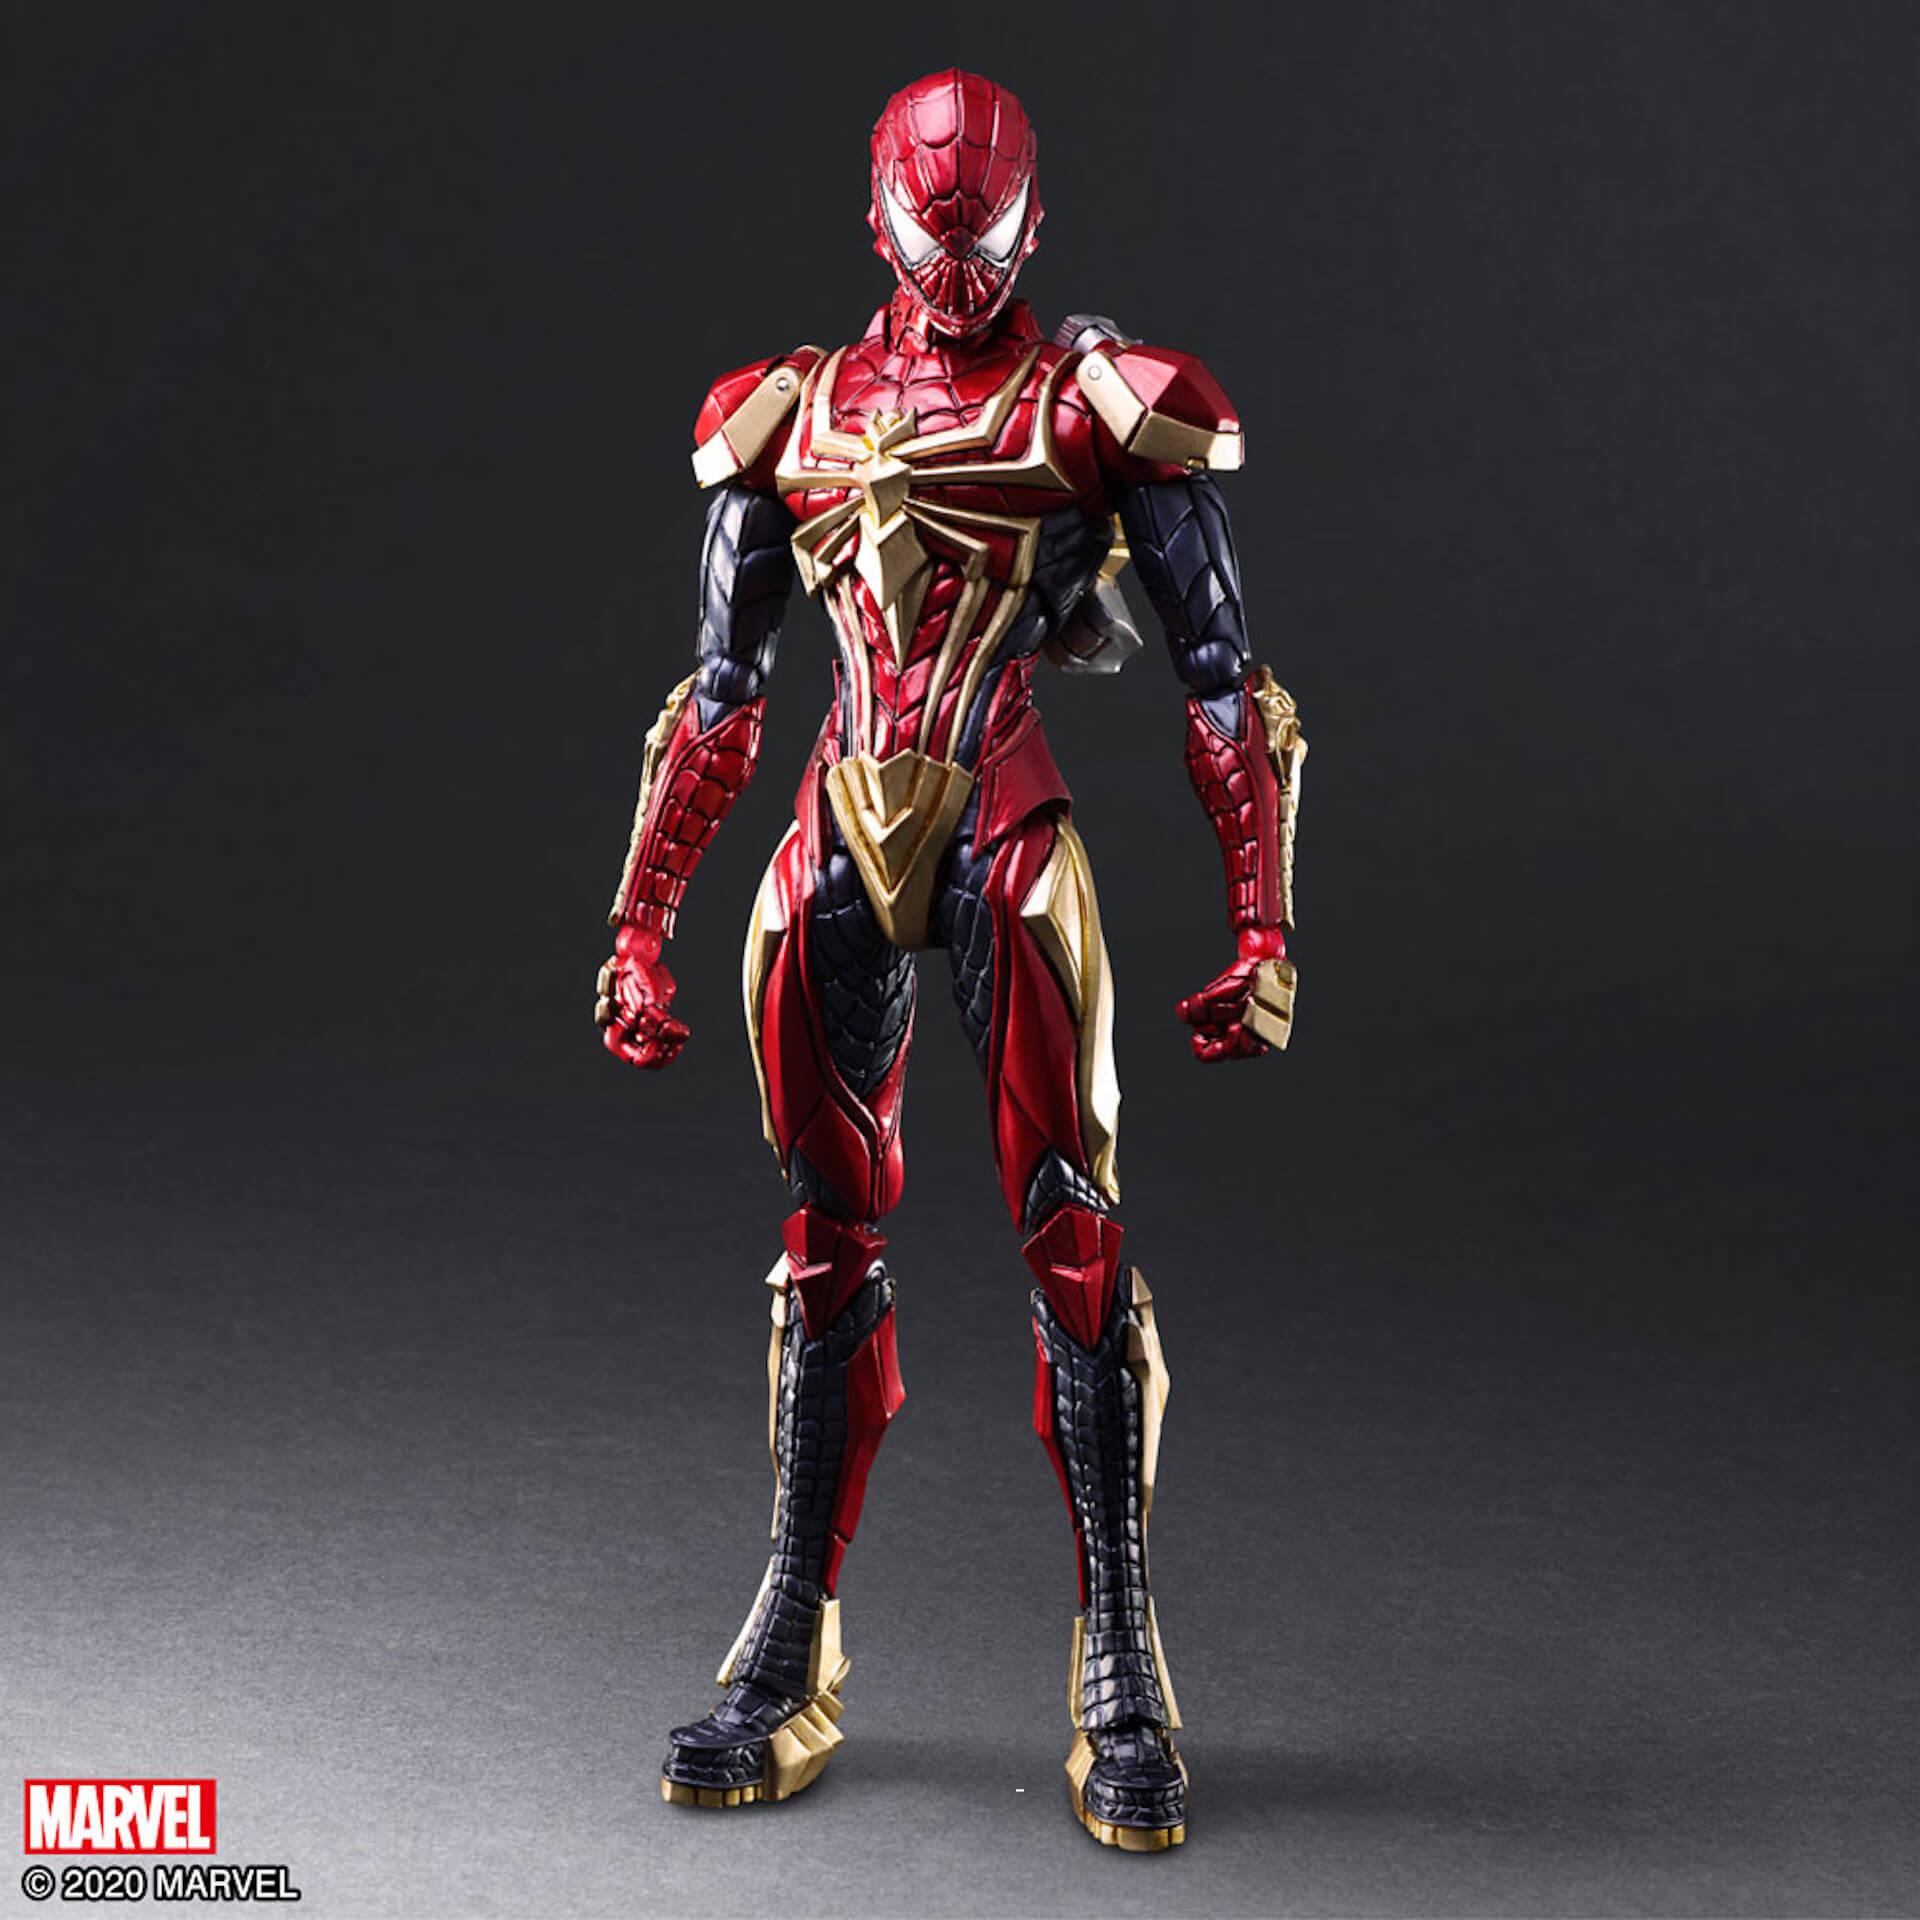 野村哲也デザインの『アイアンマン』『キャプテン・アメリカ』『スパイダーマン』フィギュアがスクウェア・エニックスのオンラインサイトで予約受付中! ac200702_marvel_nomuratesuya_18